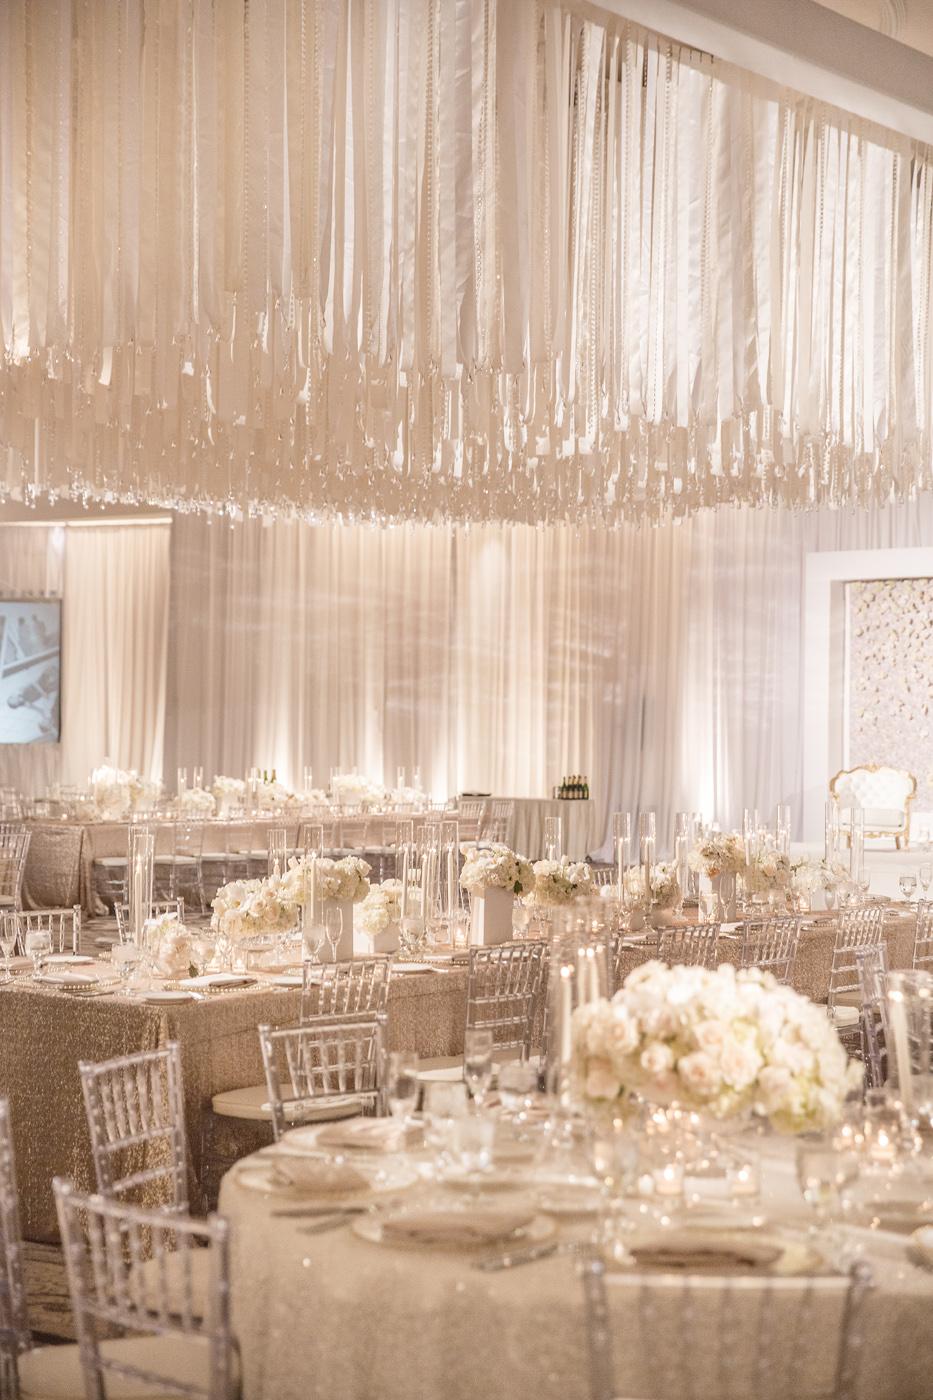 100_DukePhotography_DukeImages_Wedding_Details.jpg